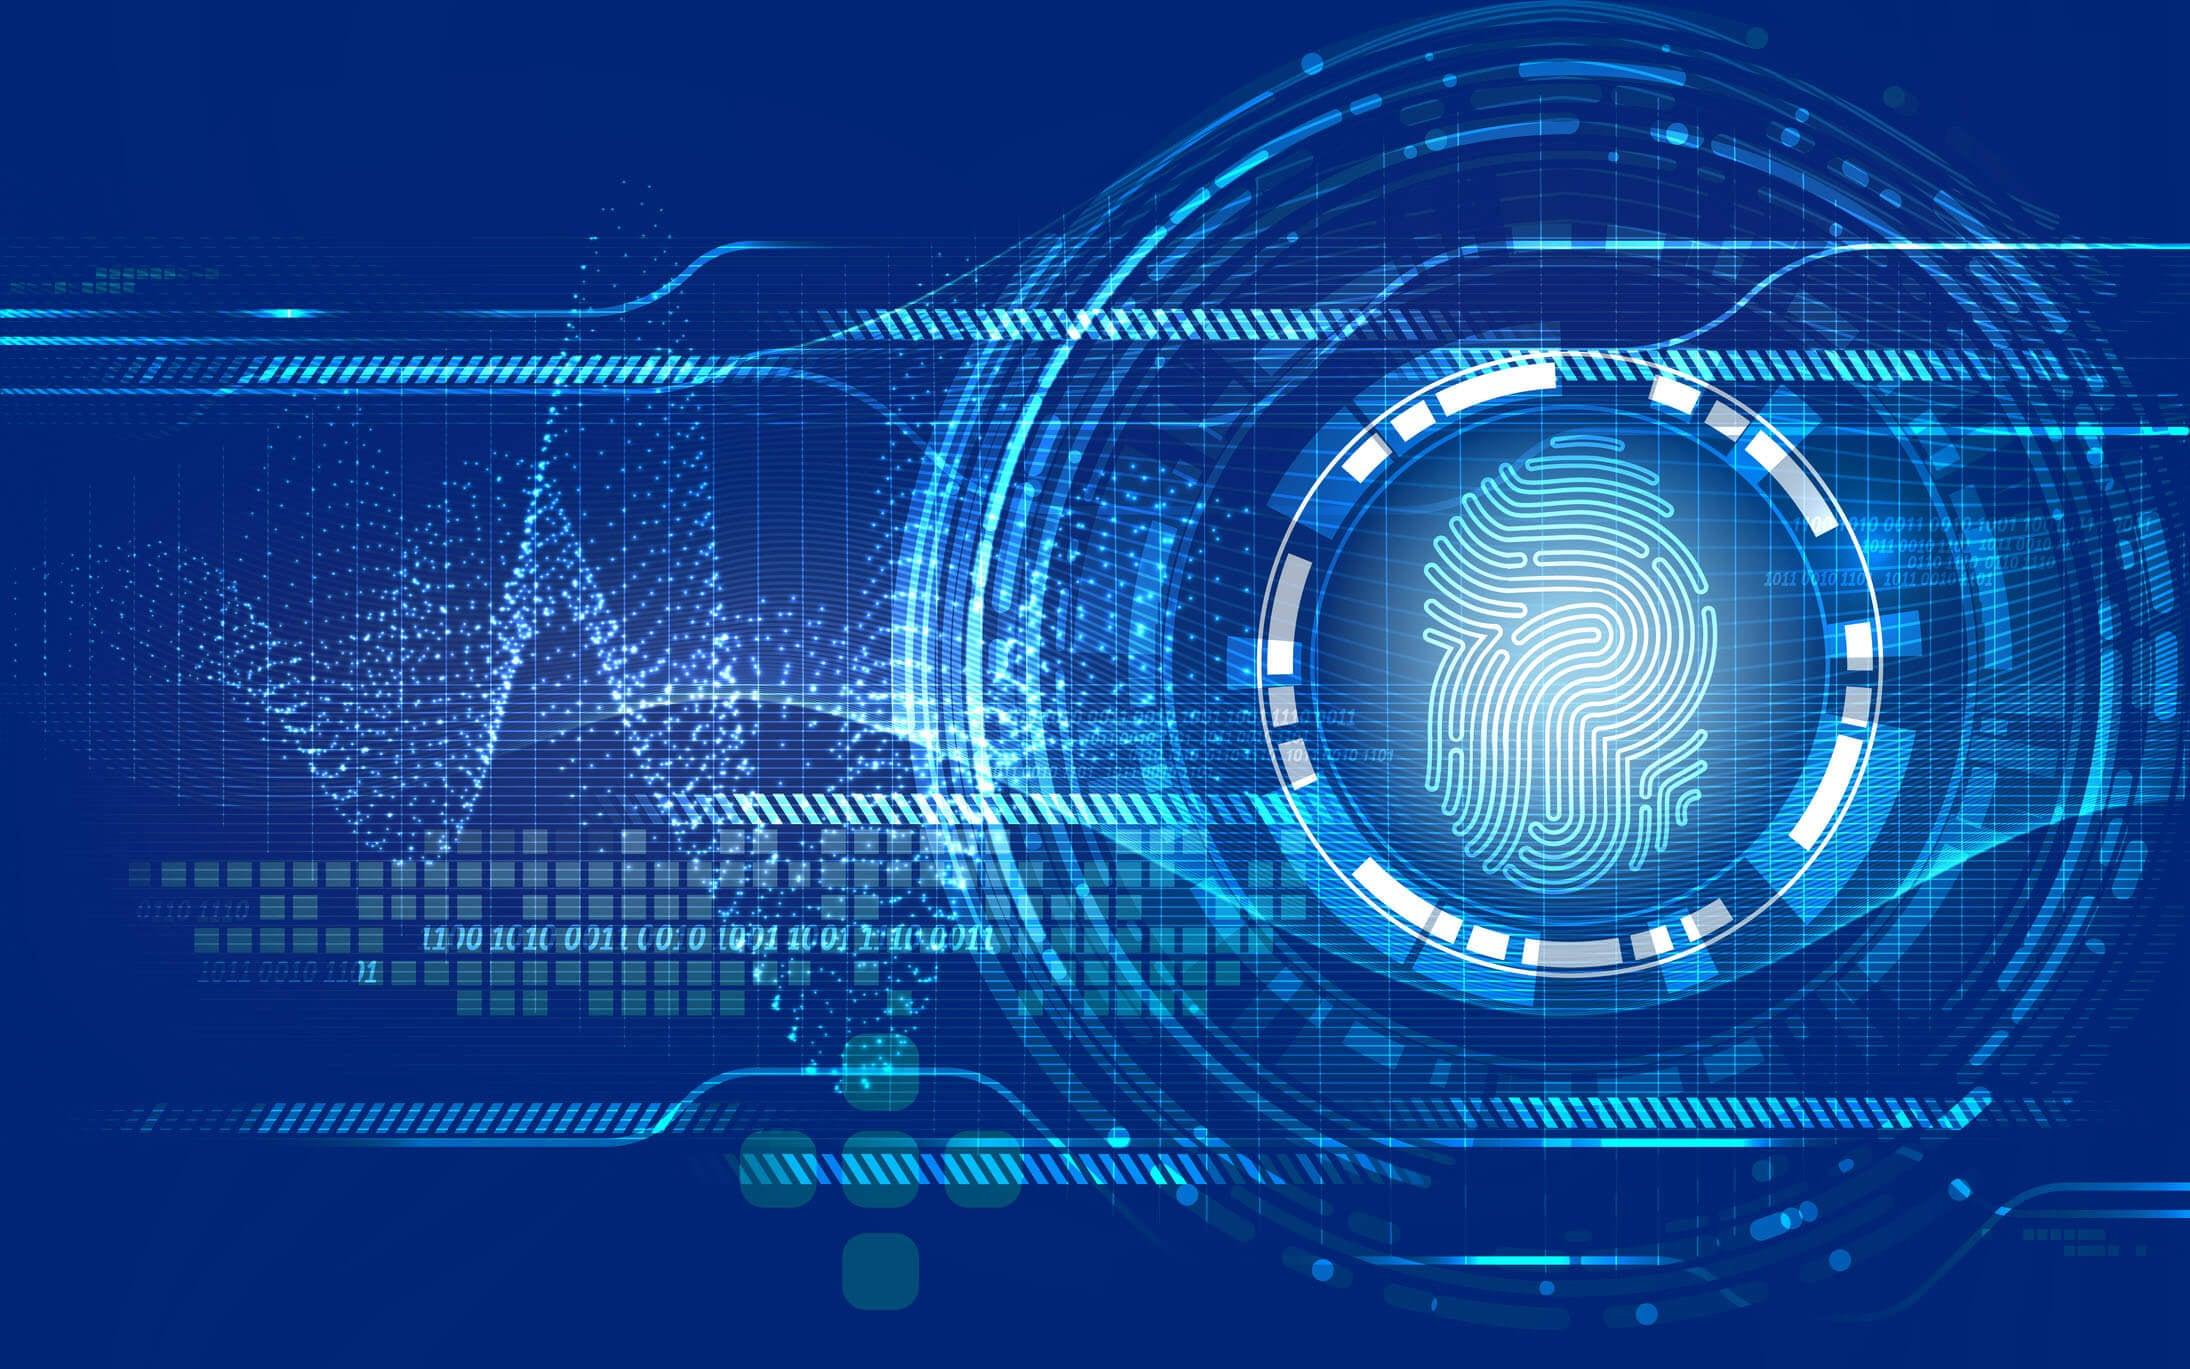 Der digitale Fingerabdruck – das Internet vergisst nie